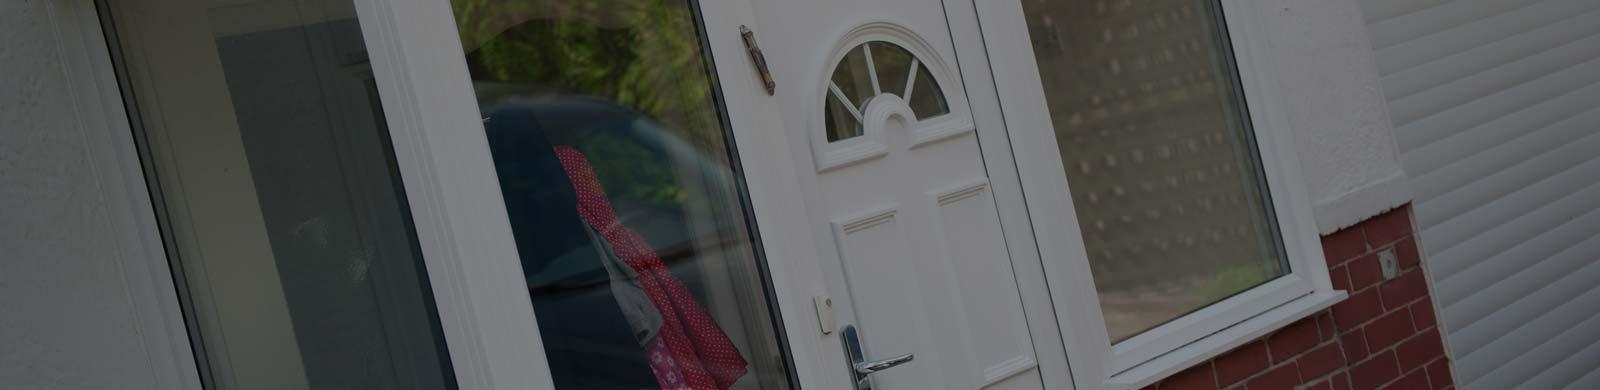 porches, croydon & bromley